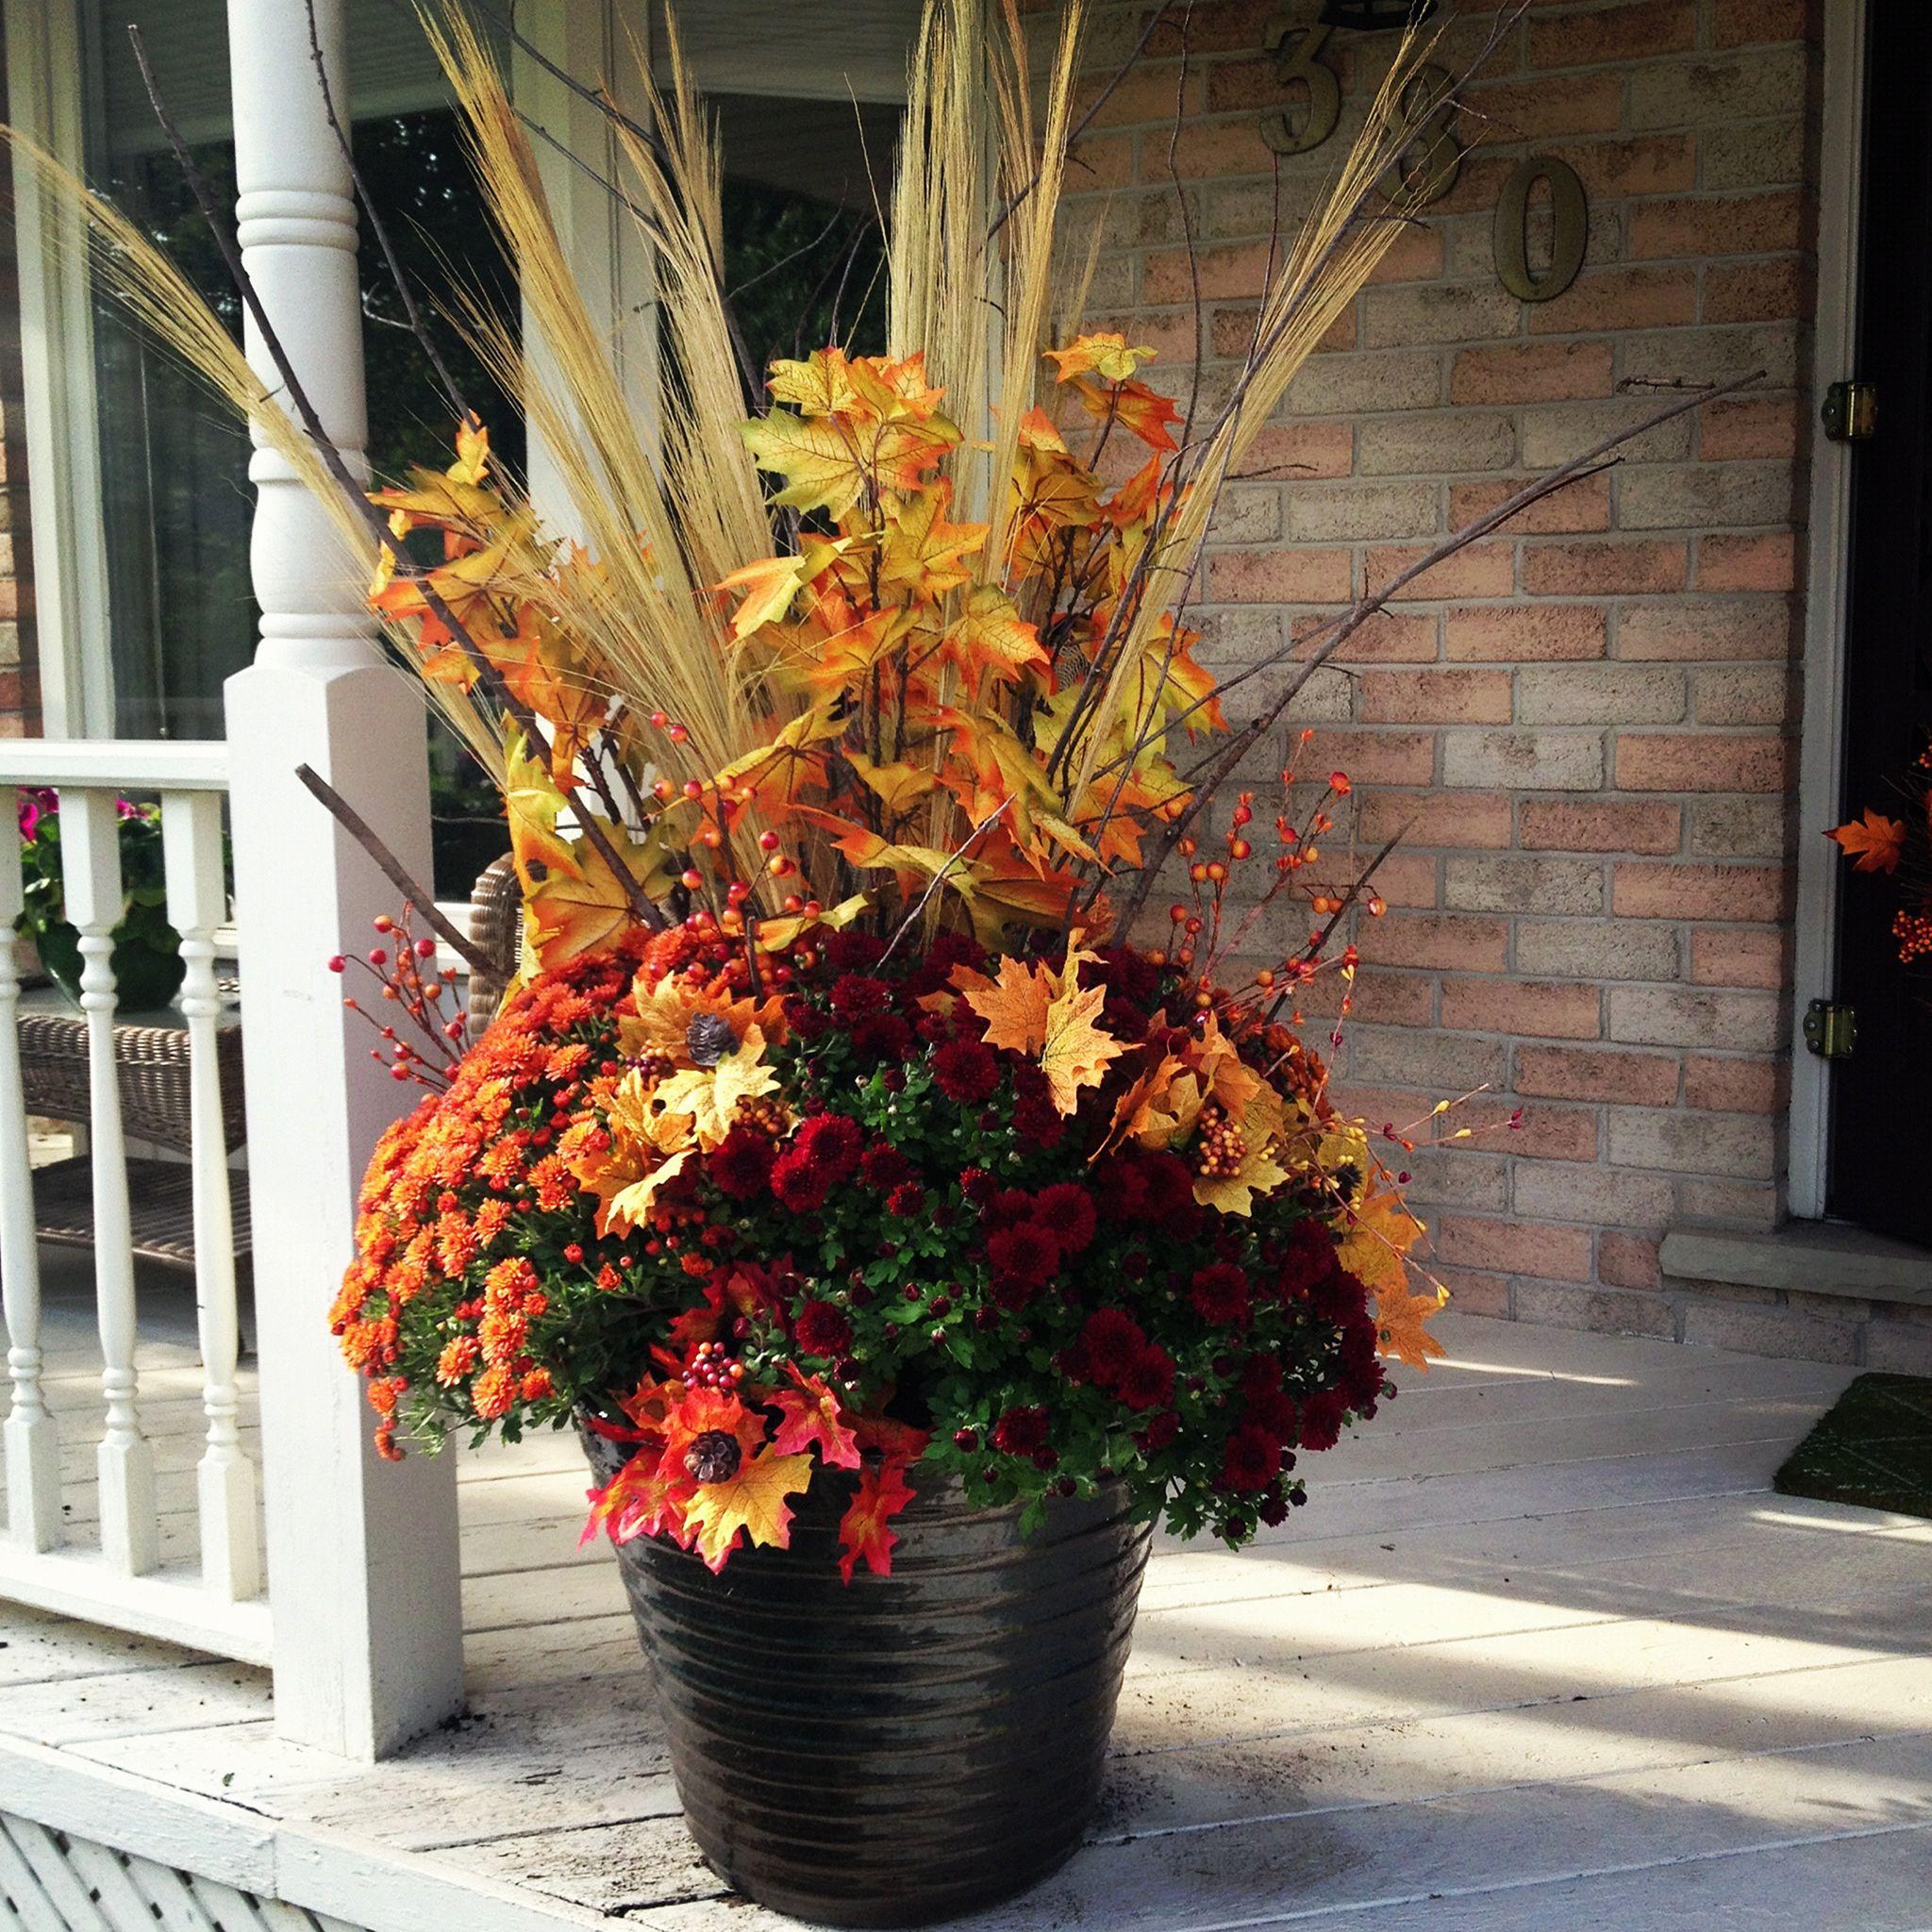 Front porch flower planter ideas 26 front porch flower for Flower planter ideas